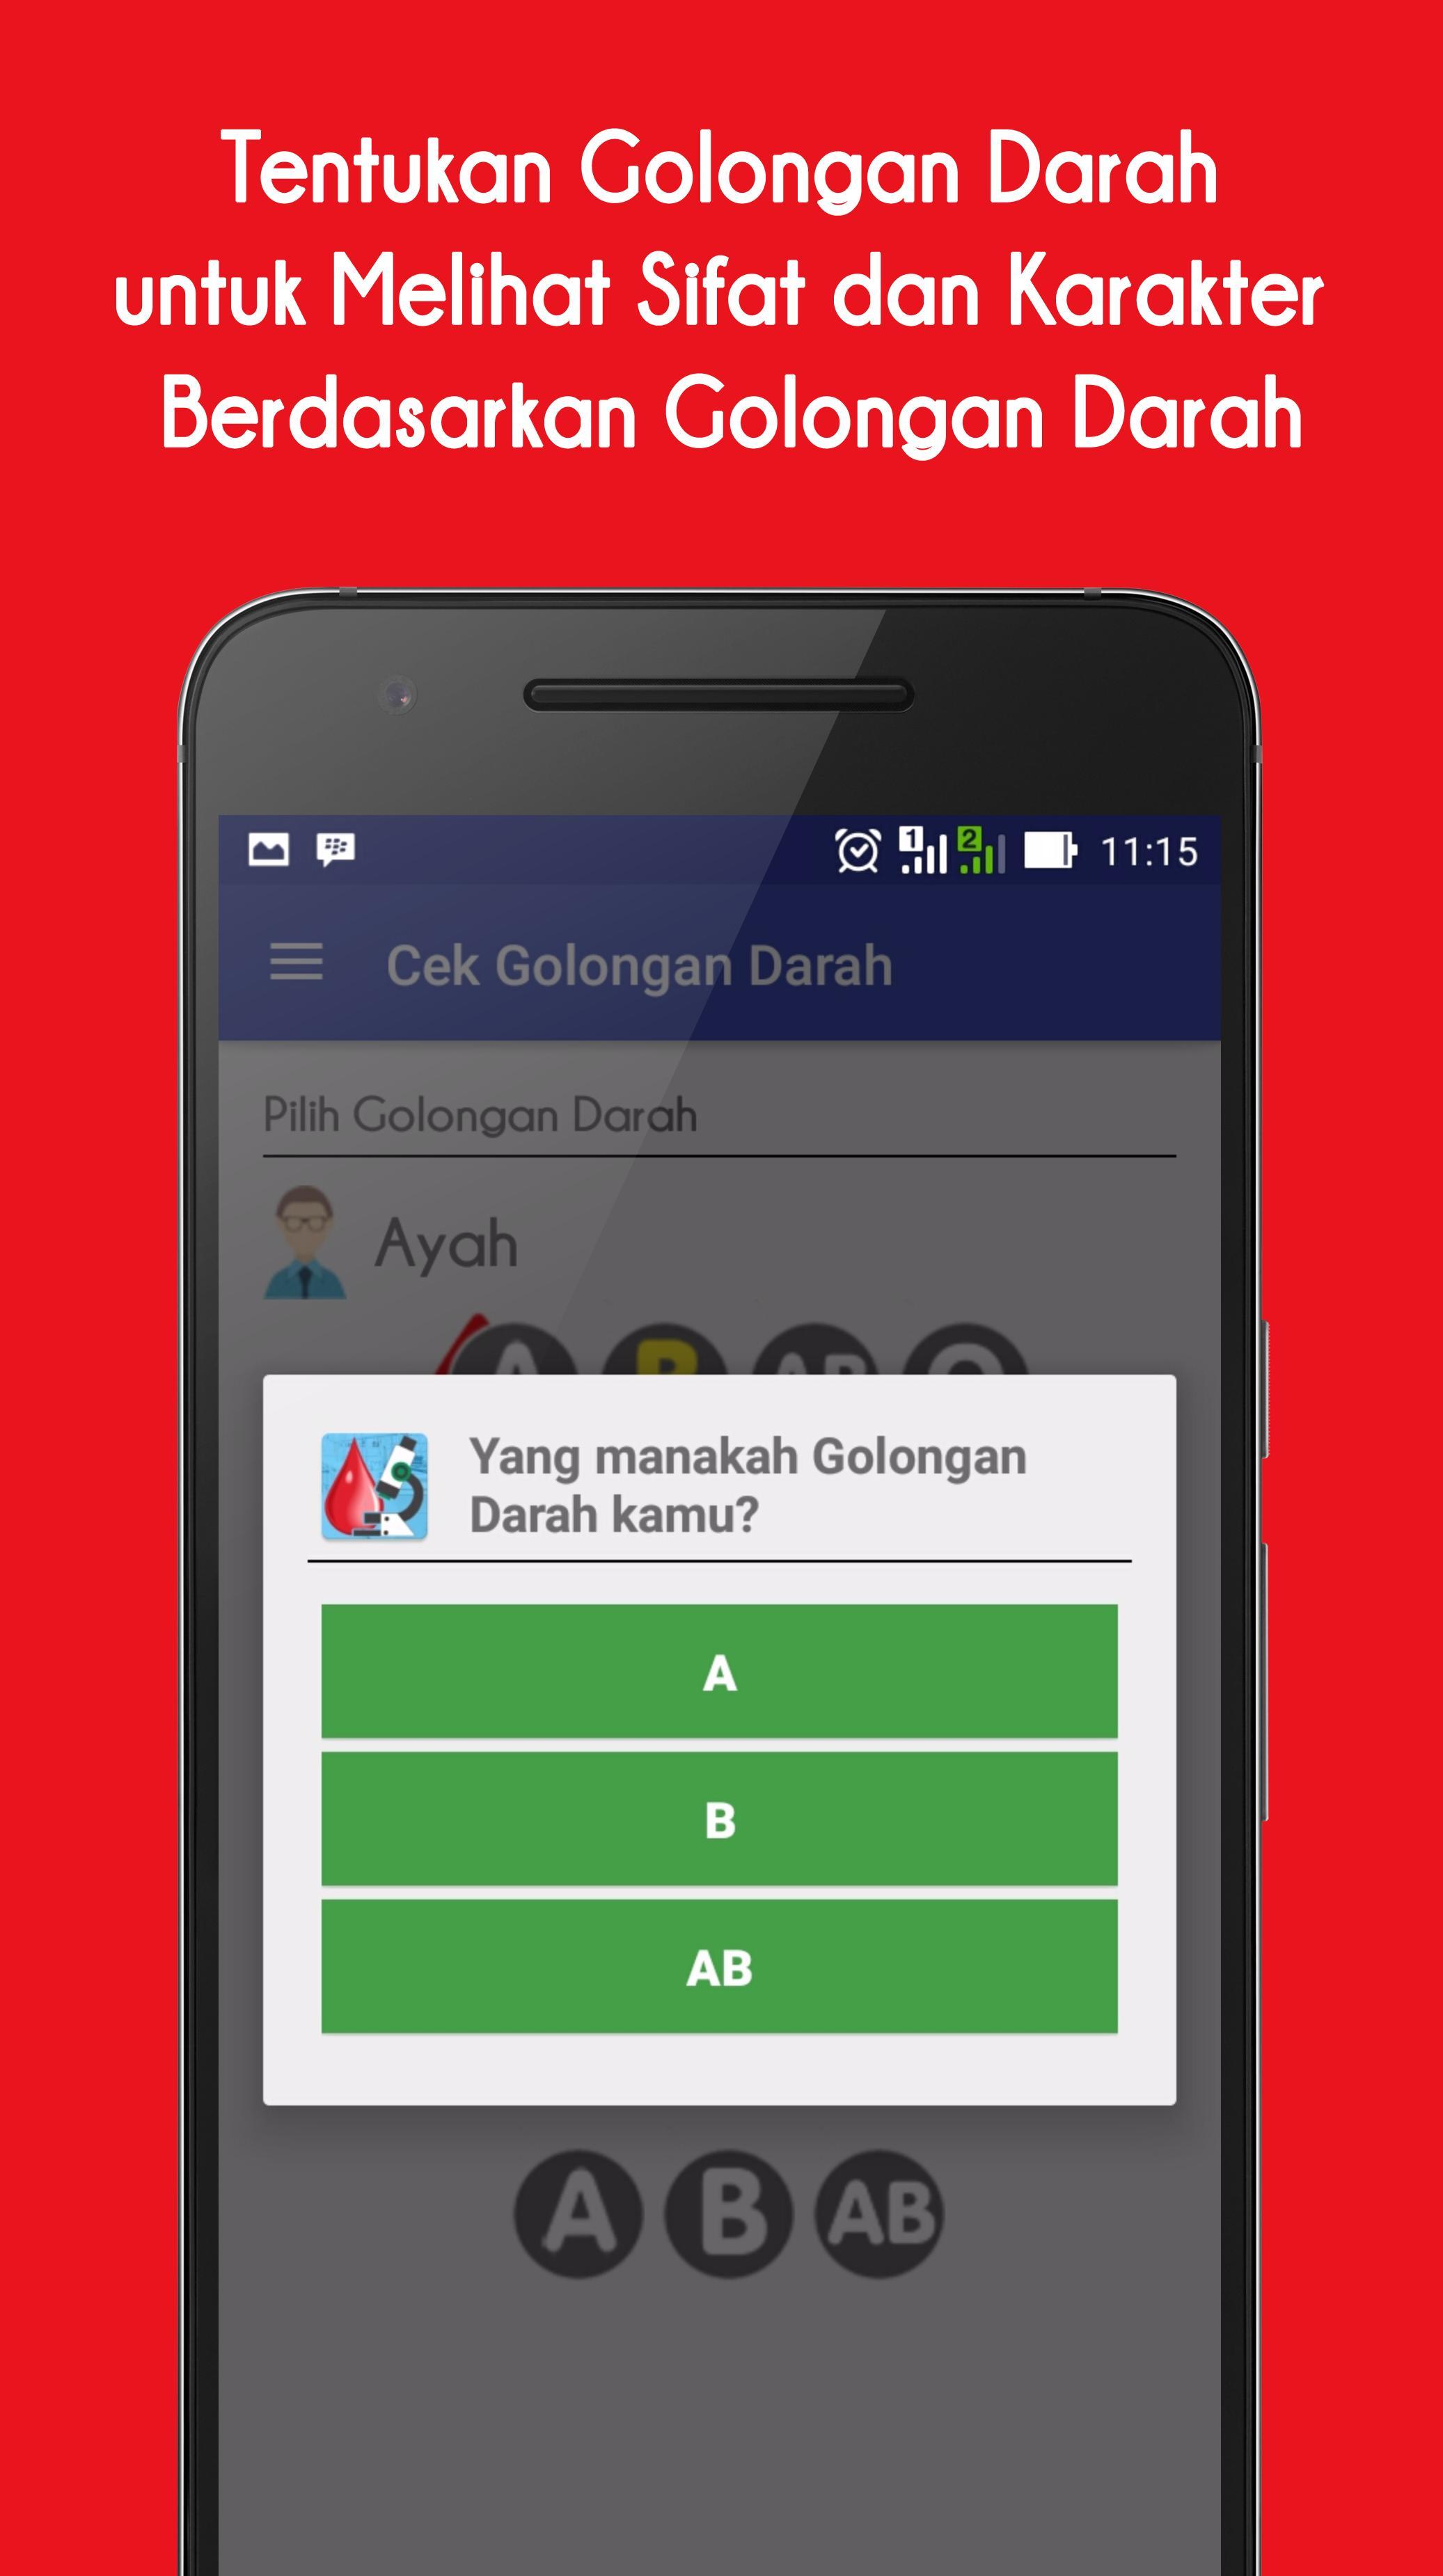 Cek Golongan Darah For Android Apk Download